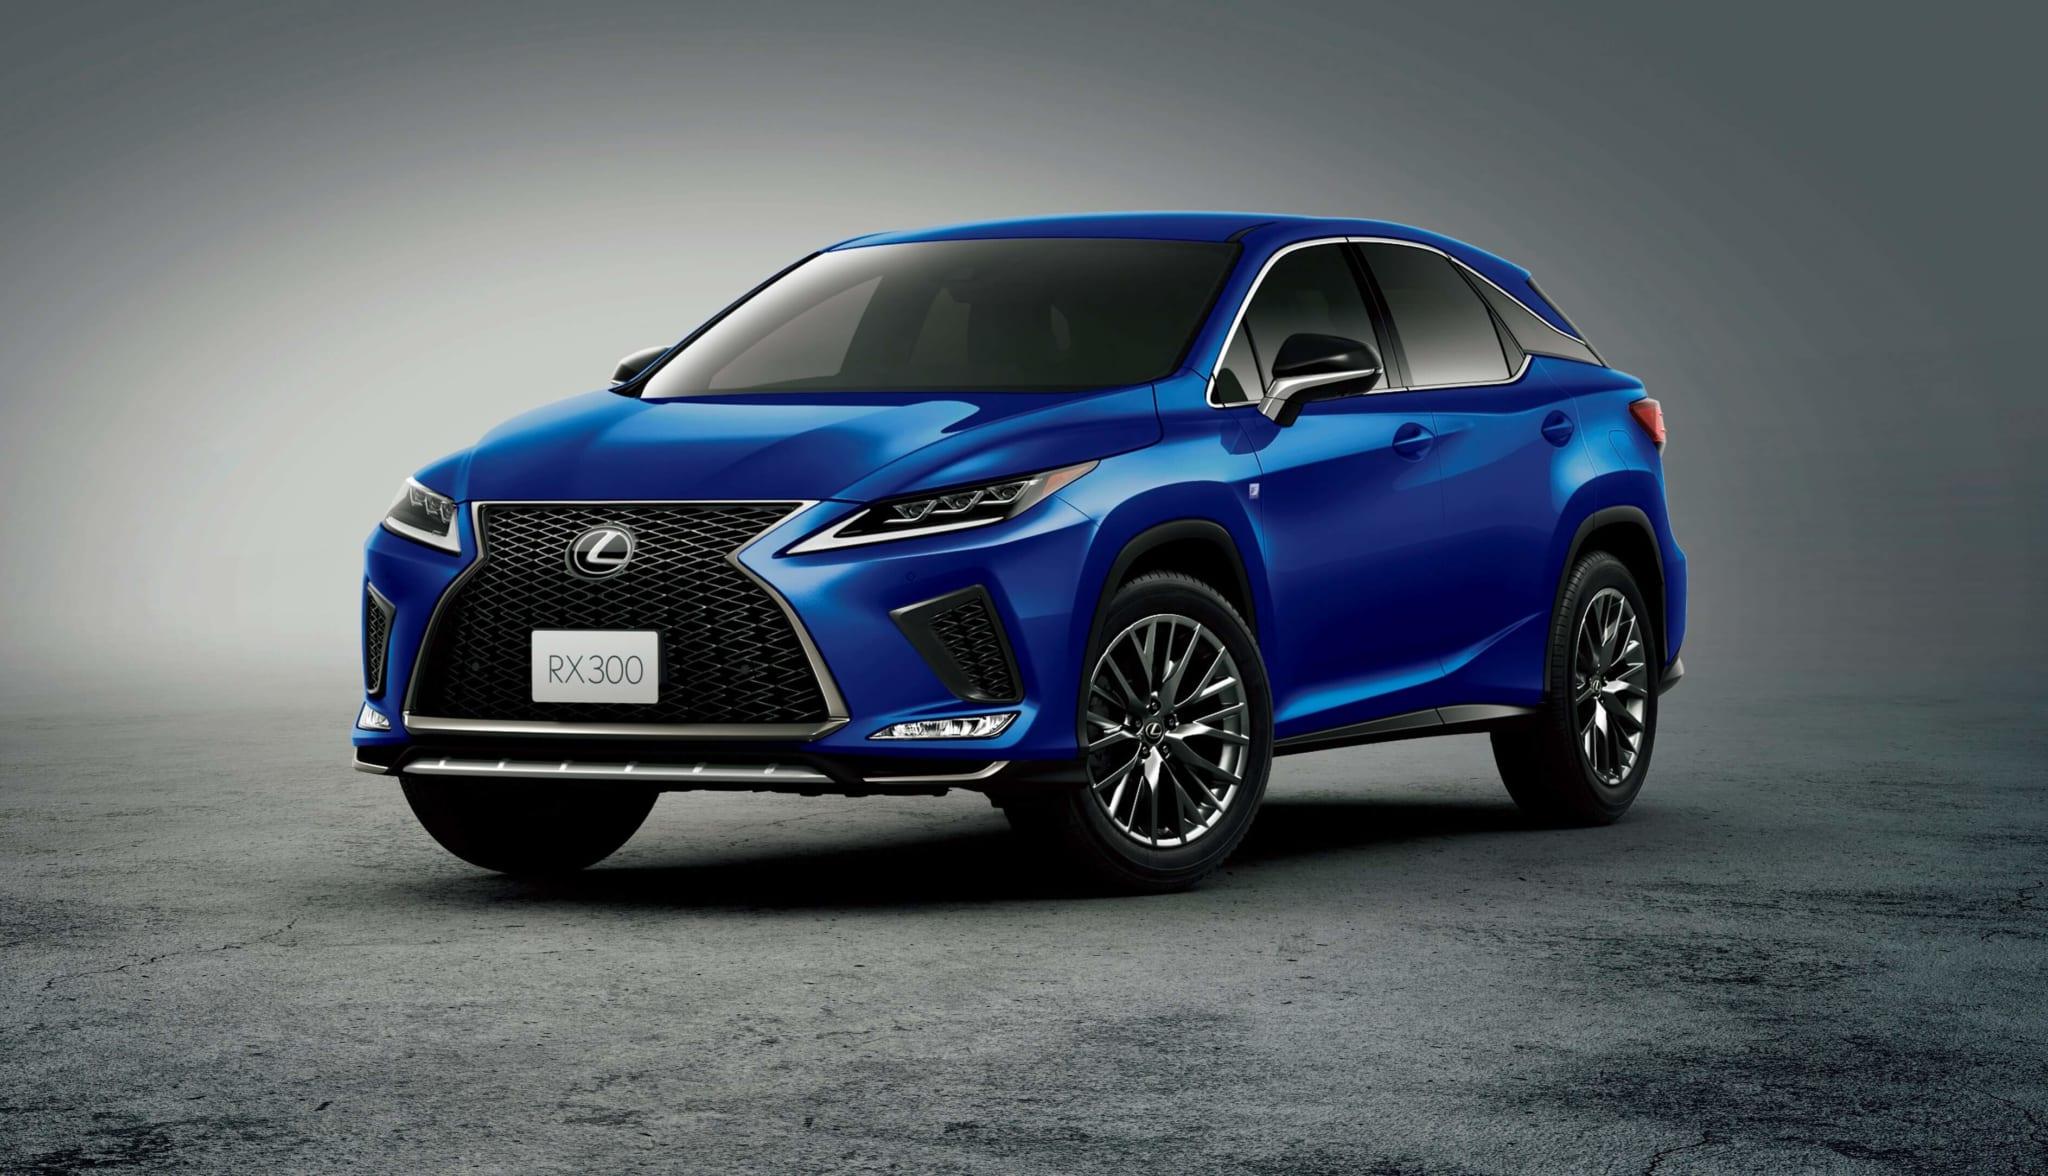 2019年新型車 レクサス RX